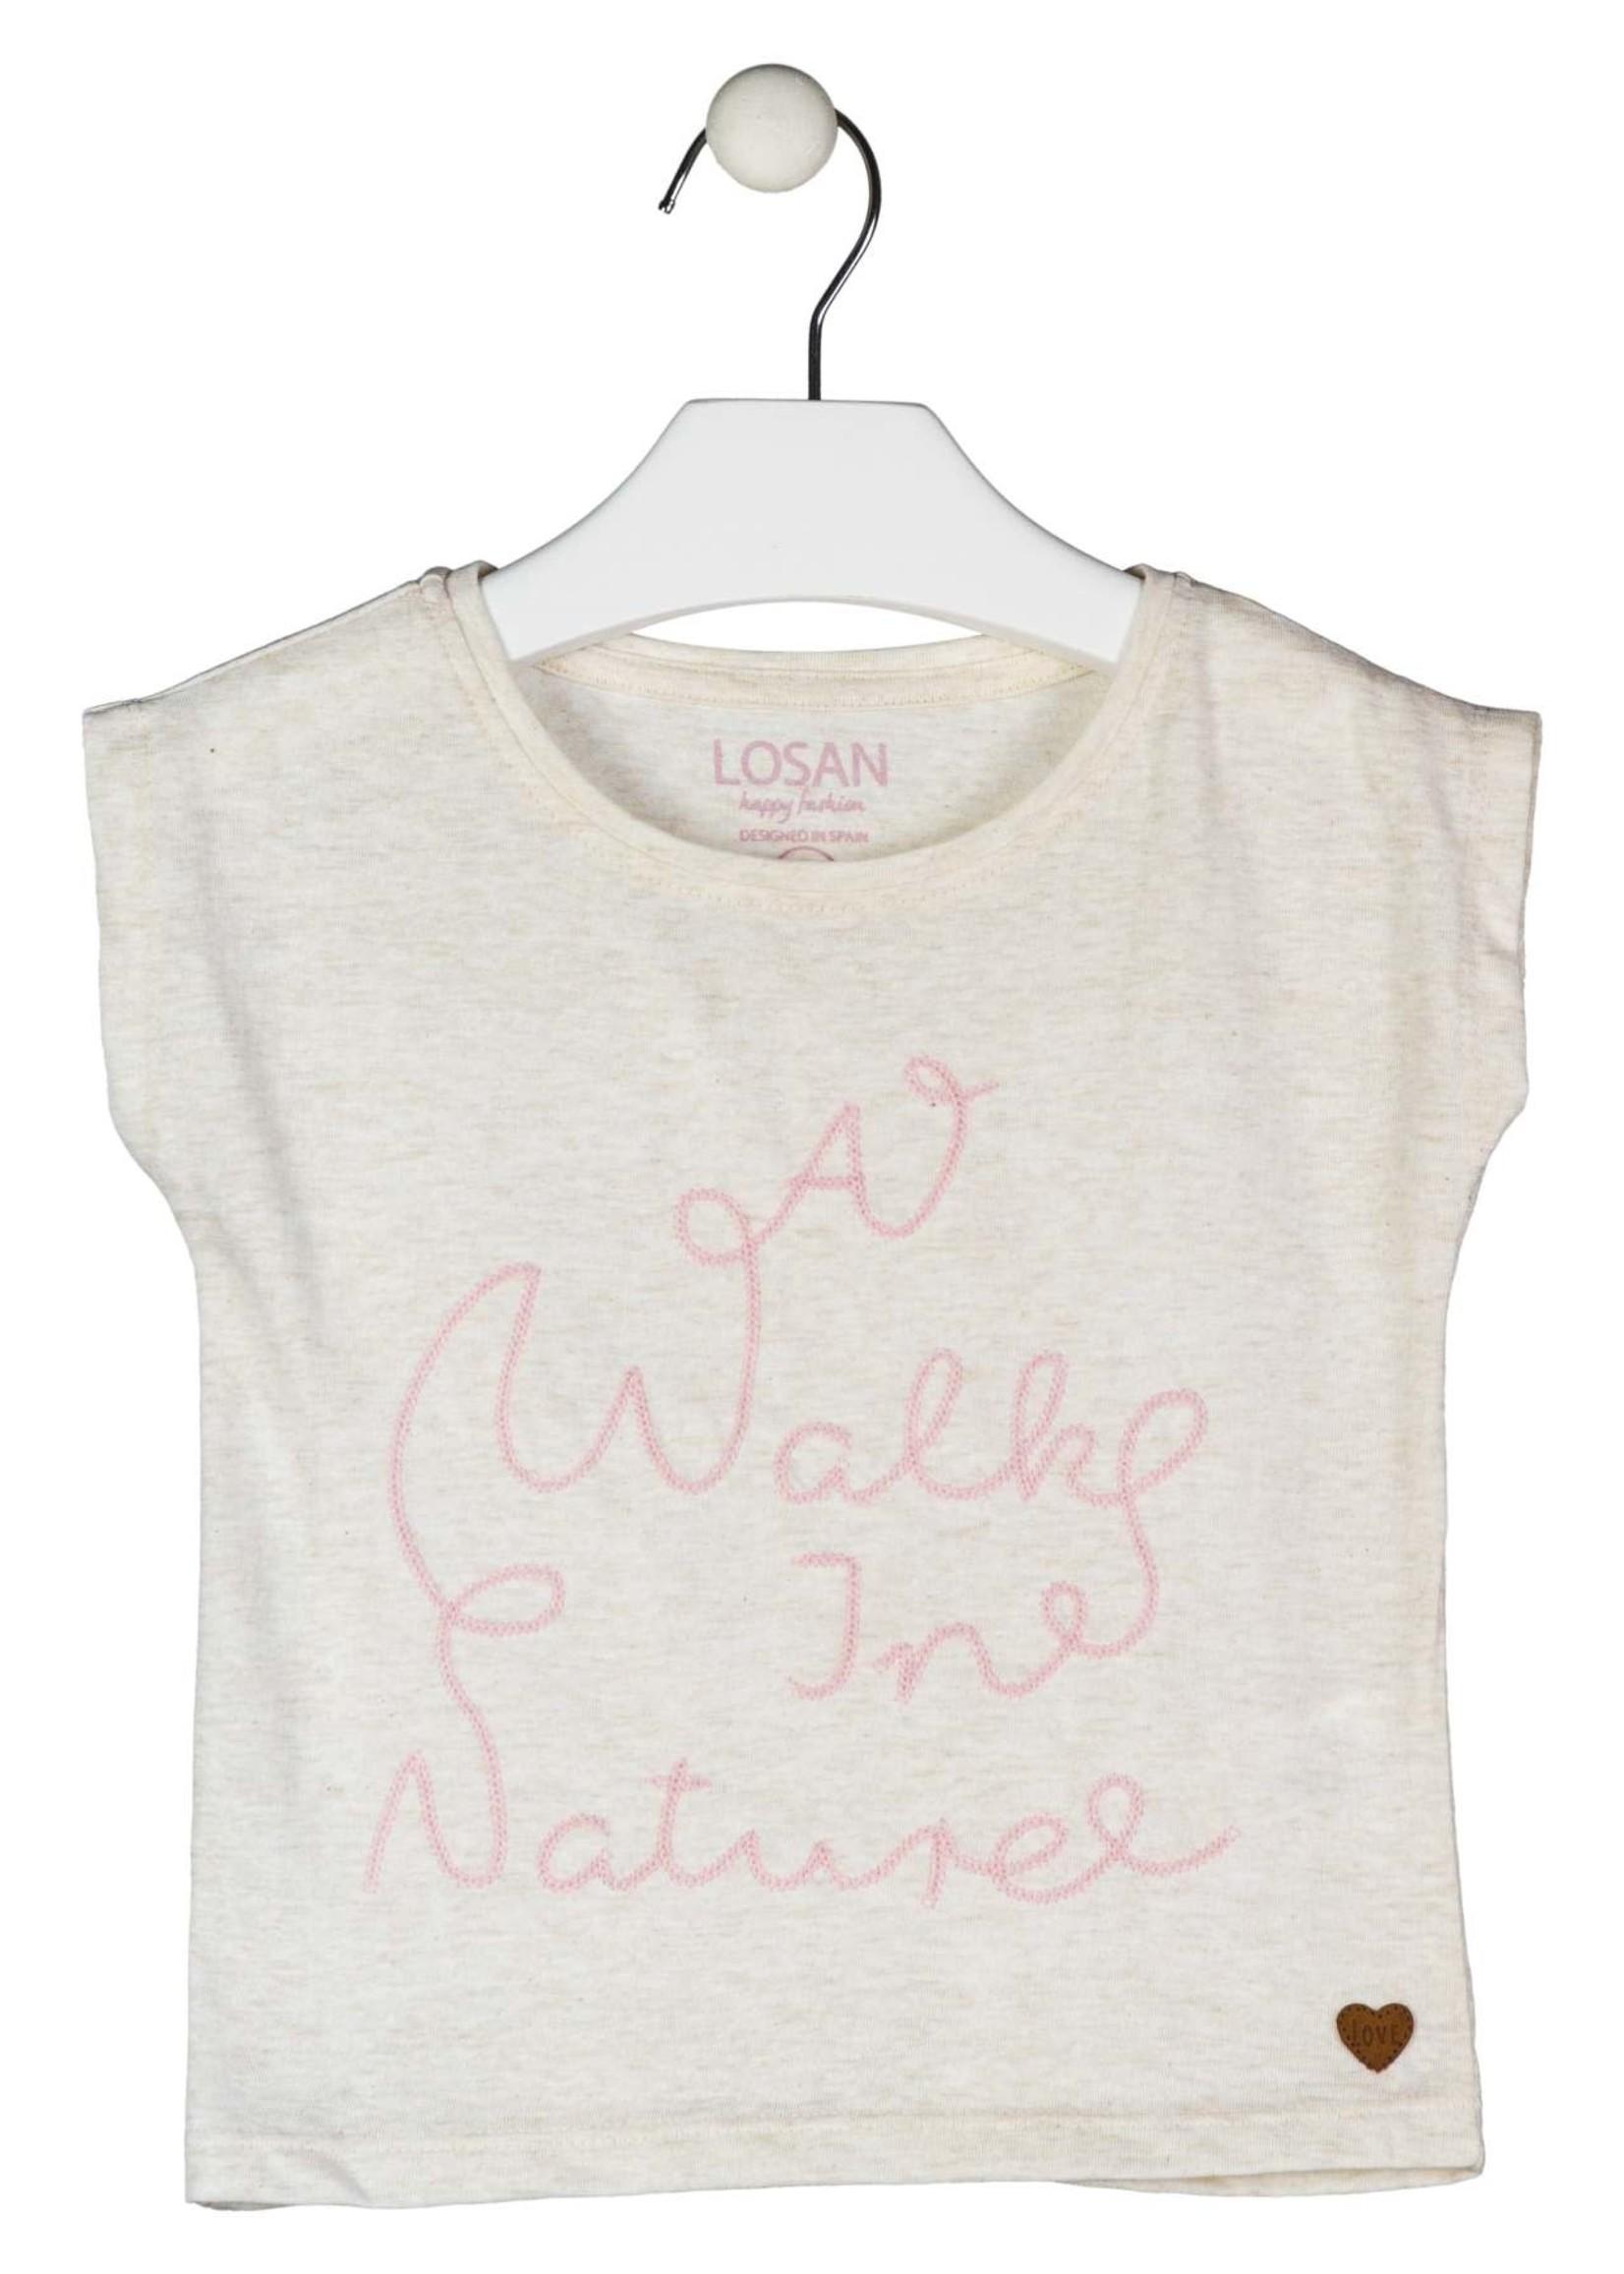 Losan T-shirt walk nature